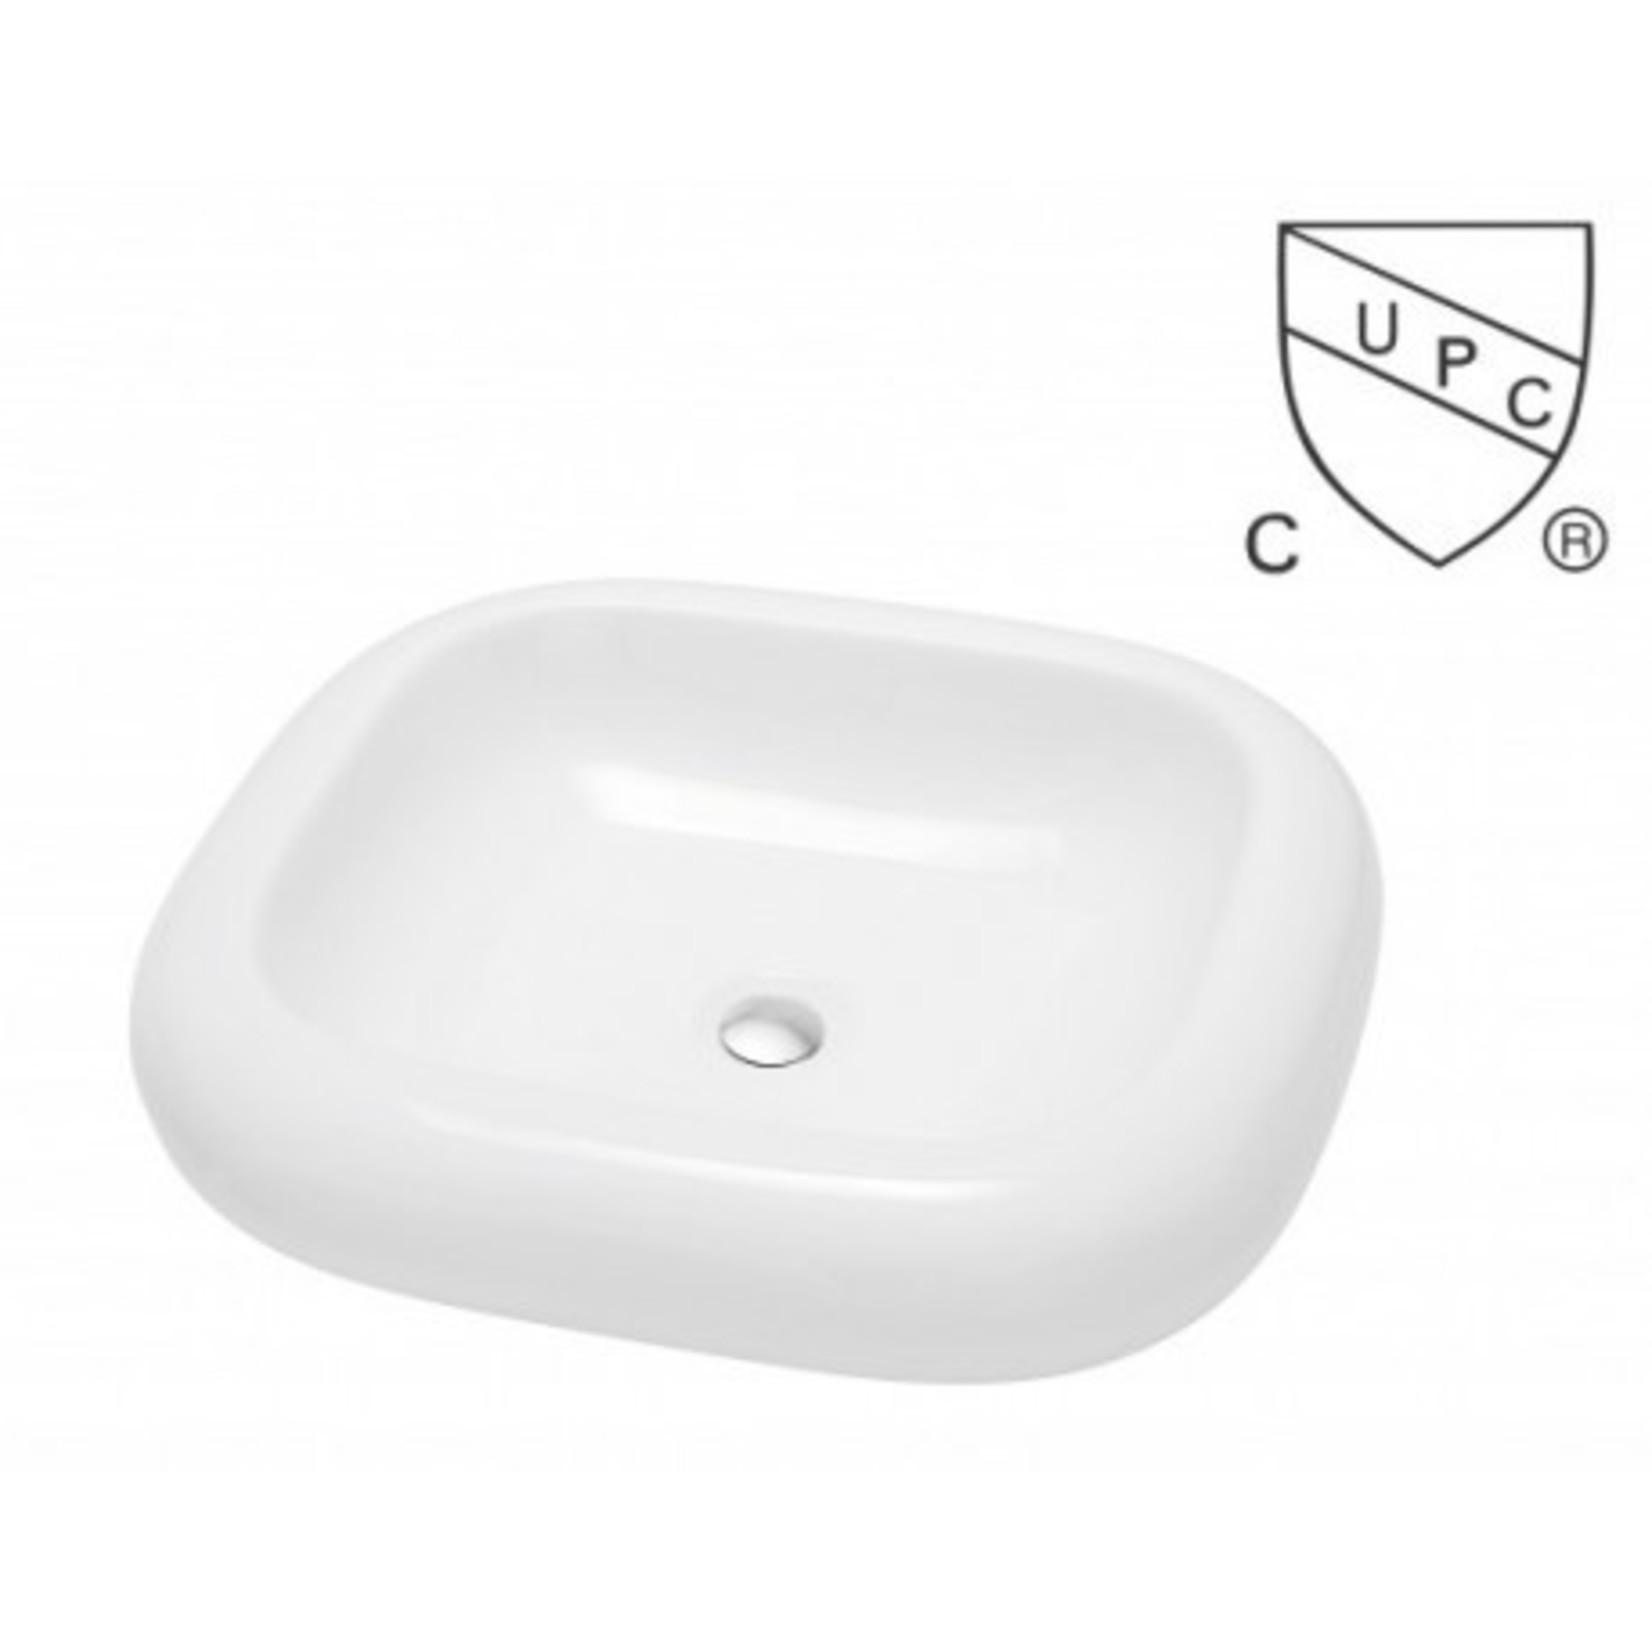 Lavabo Vasque - Montage sur plan